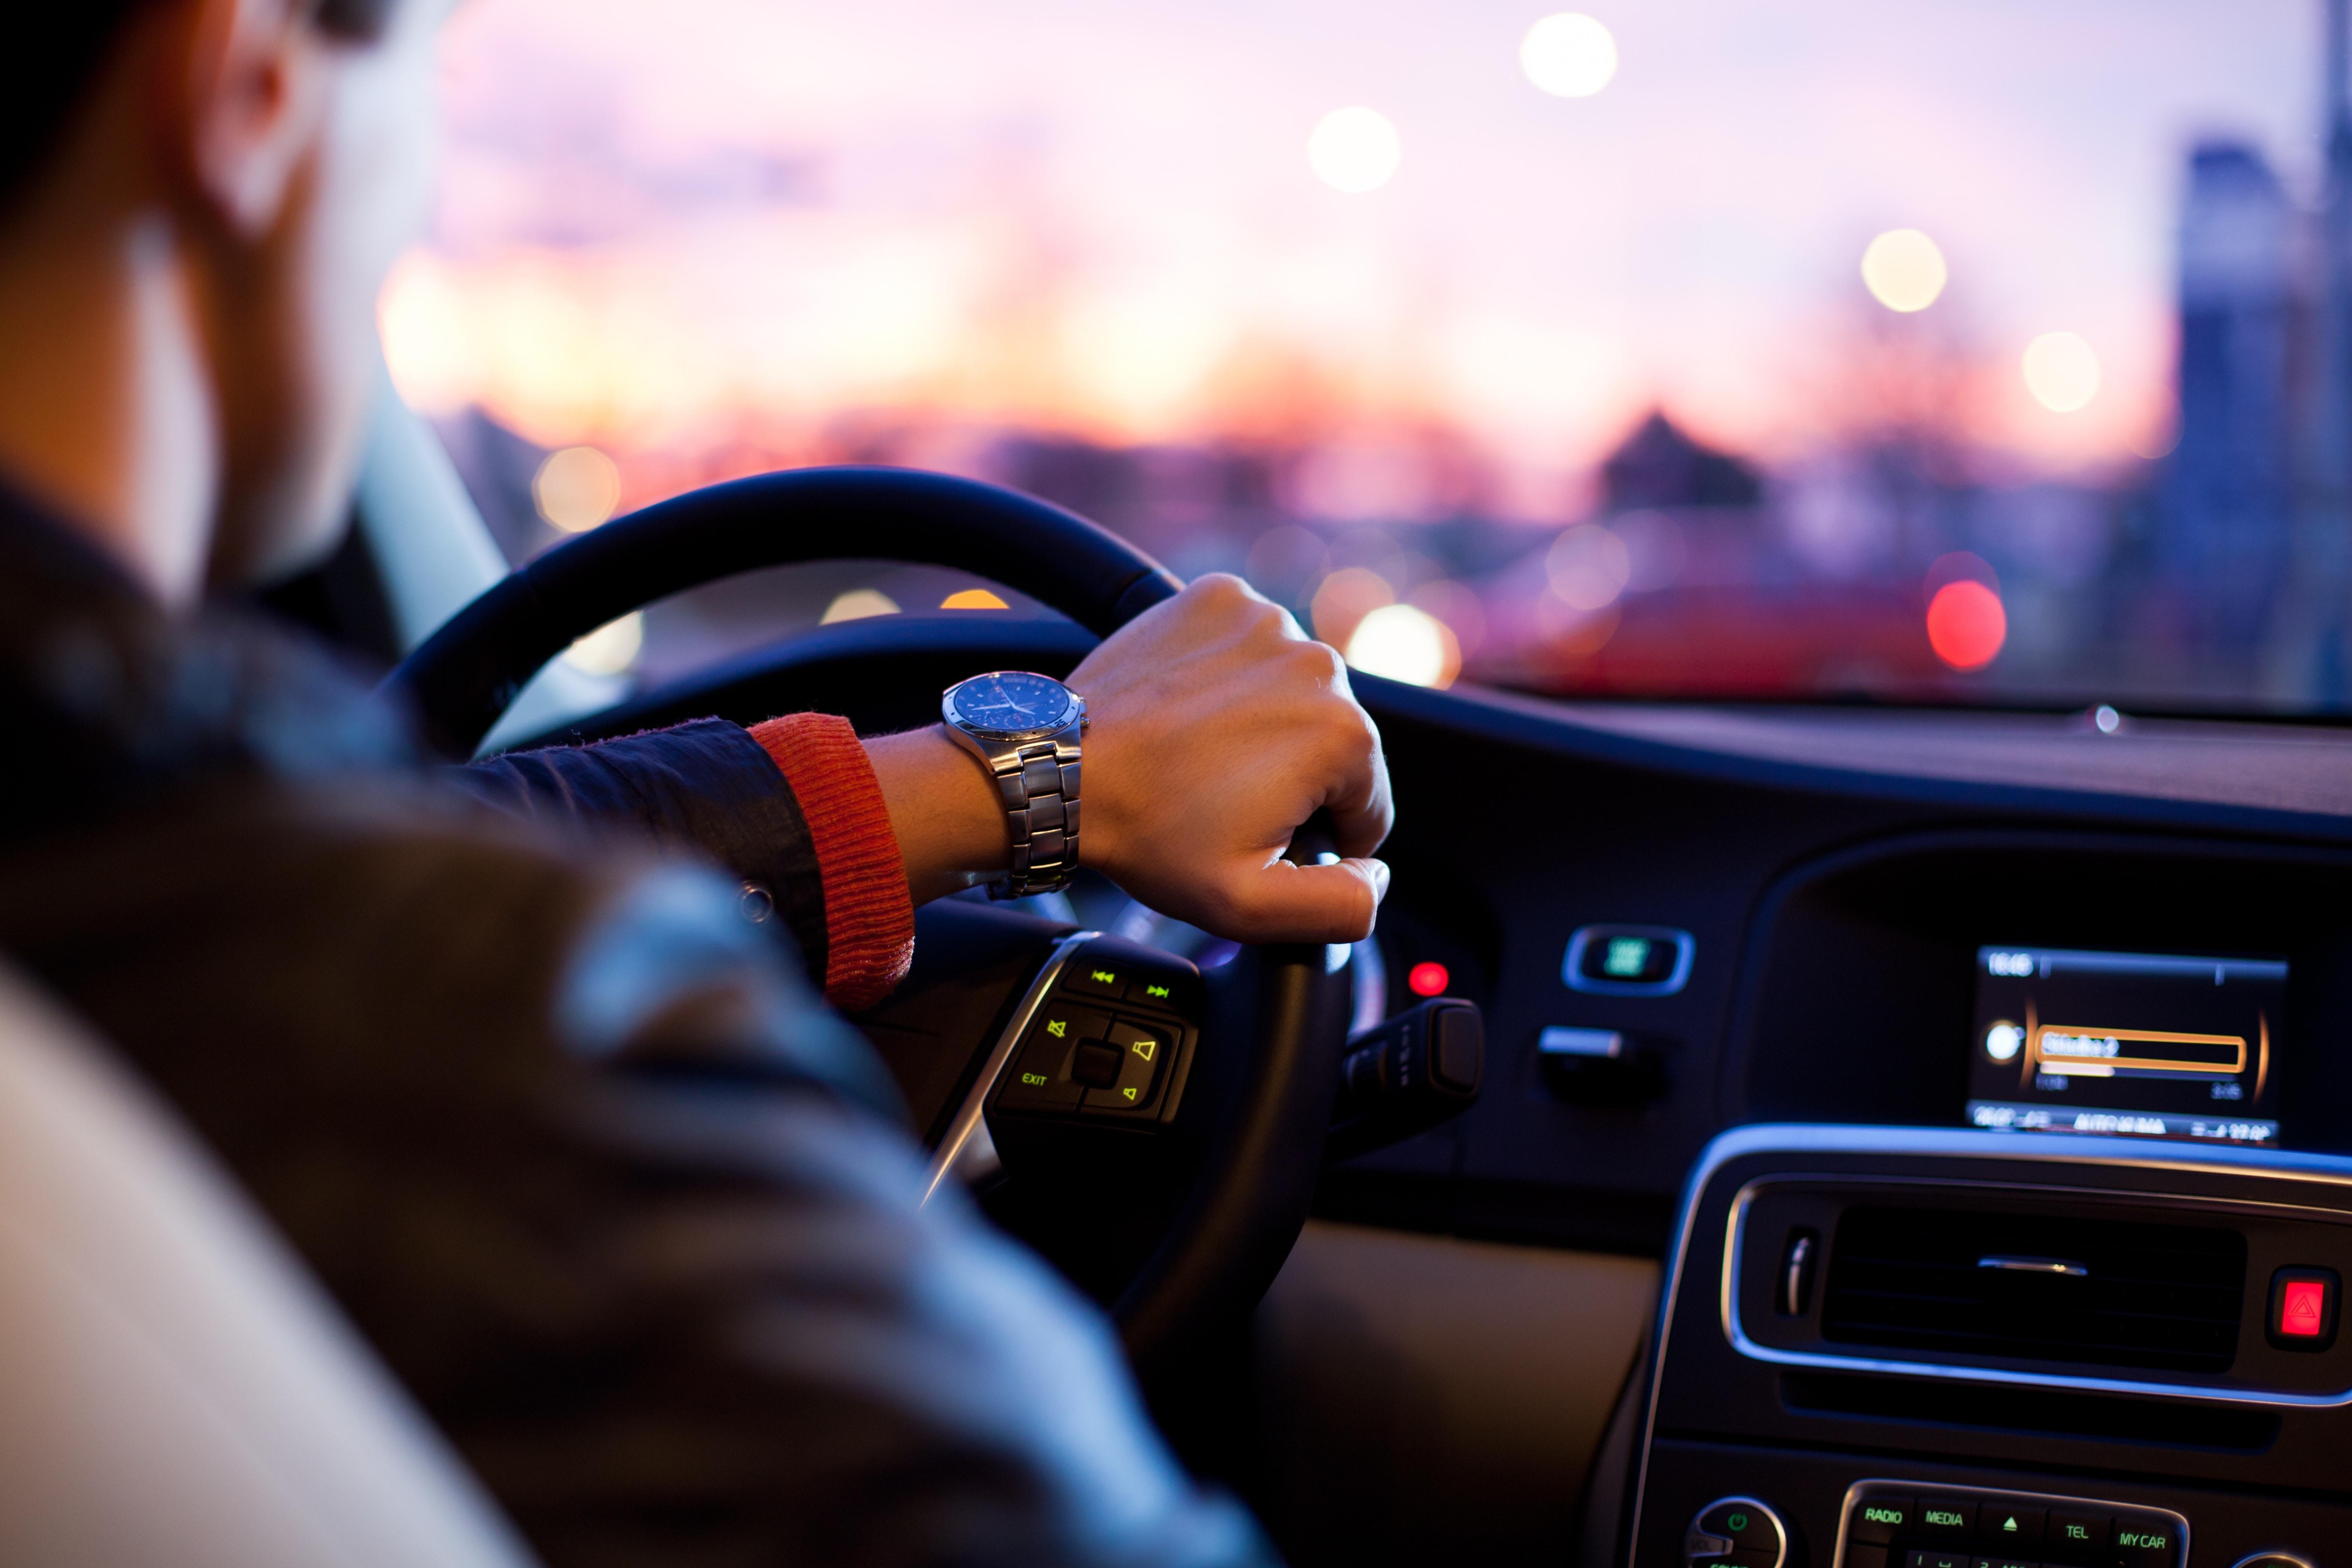 Koniec z podwyżkami cen OC? Ile zapłacimy za ubezpieczenie auta w 2018 roku? - Biuro Prasowe porównywarki OC/AC mfind.pl